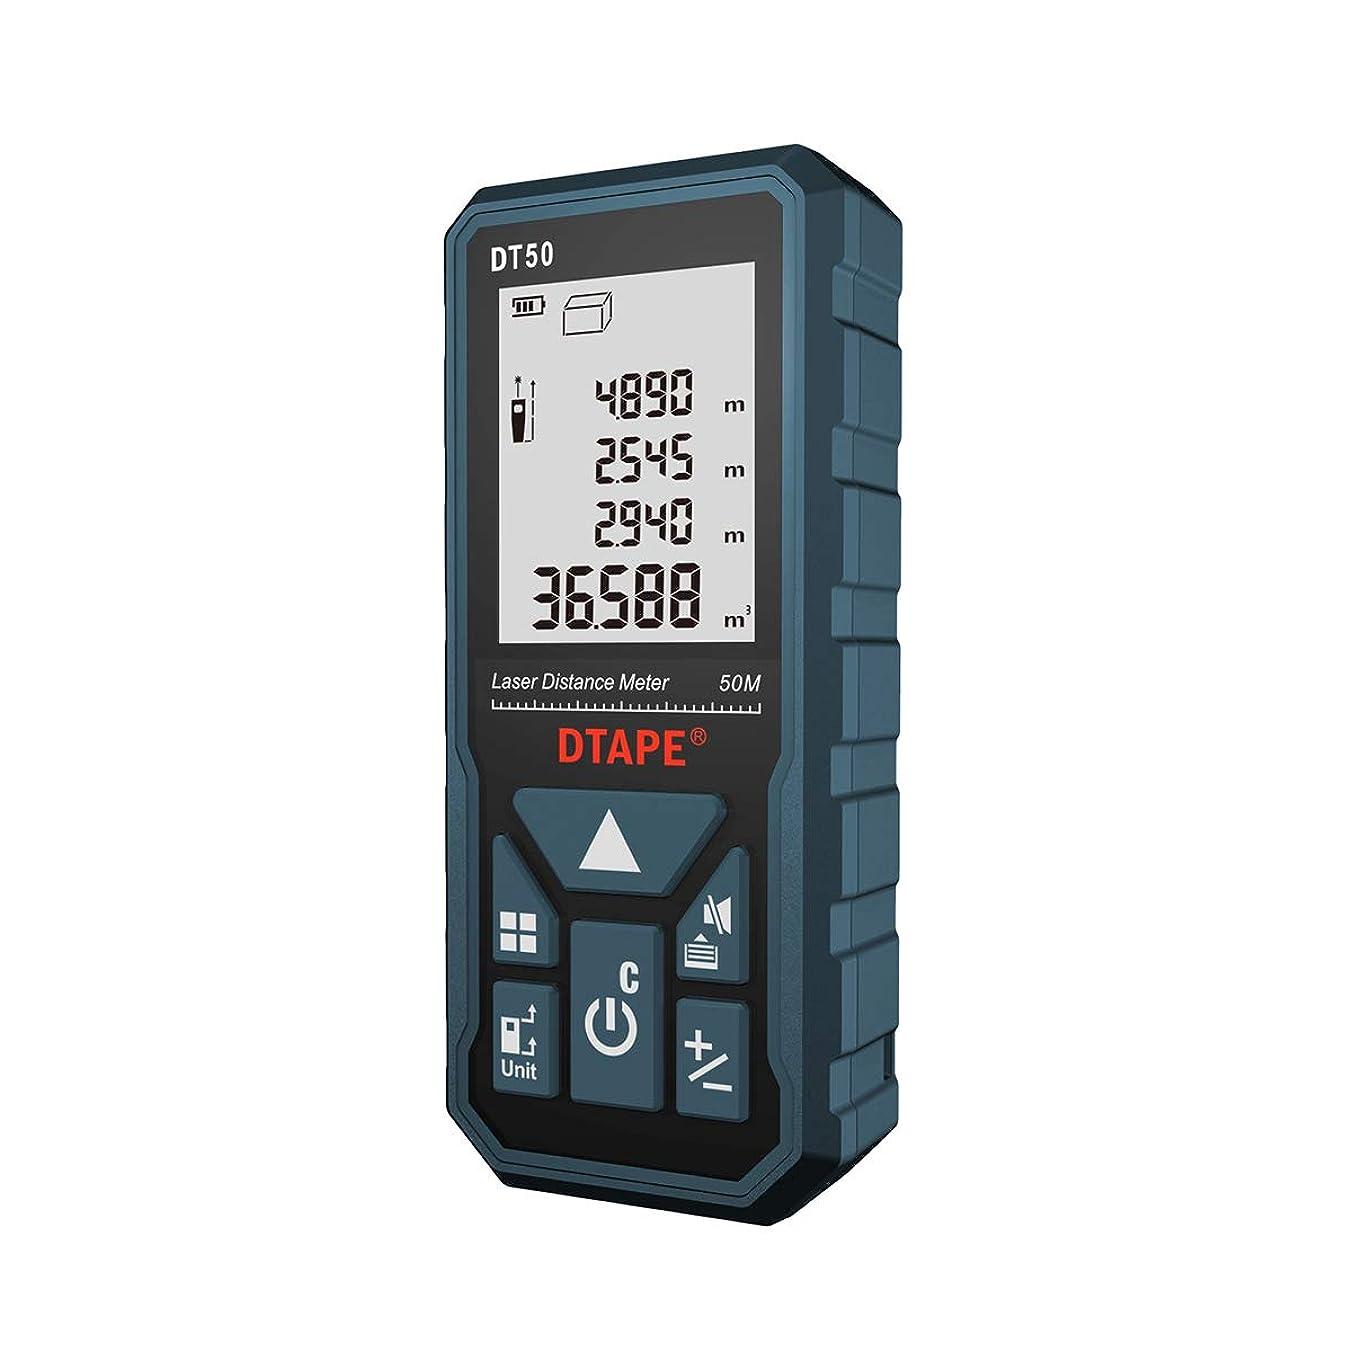 思慮深いクスコ災害DTAPE レーザー距離計 最大測定距離50M 距離/面積/体積/ピタゴラス間接測定/連続測定 自動計算 軽量距離計 IP54防水規格 日本語のお取り扱い説明書 DT50